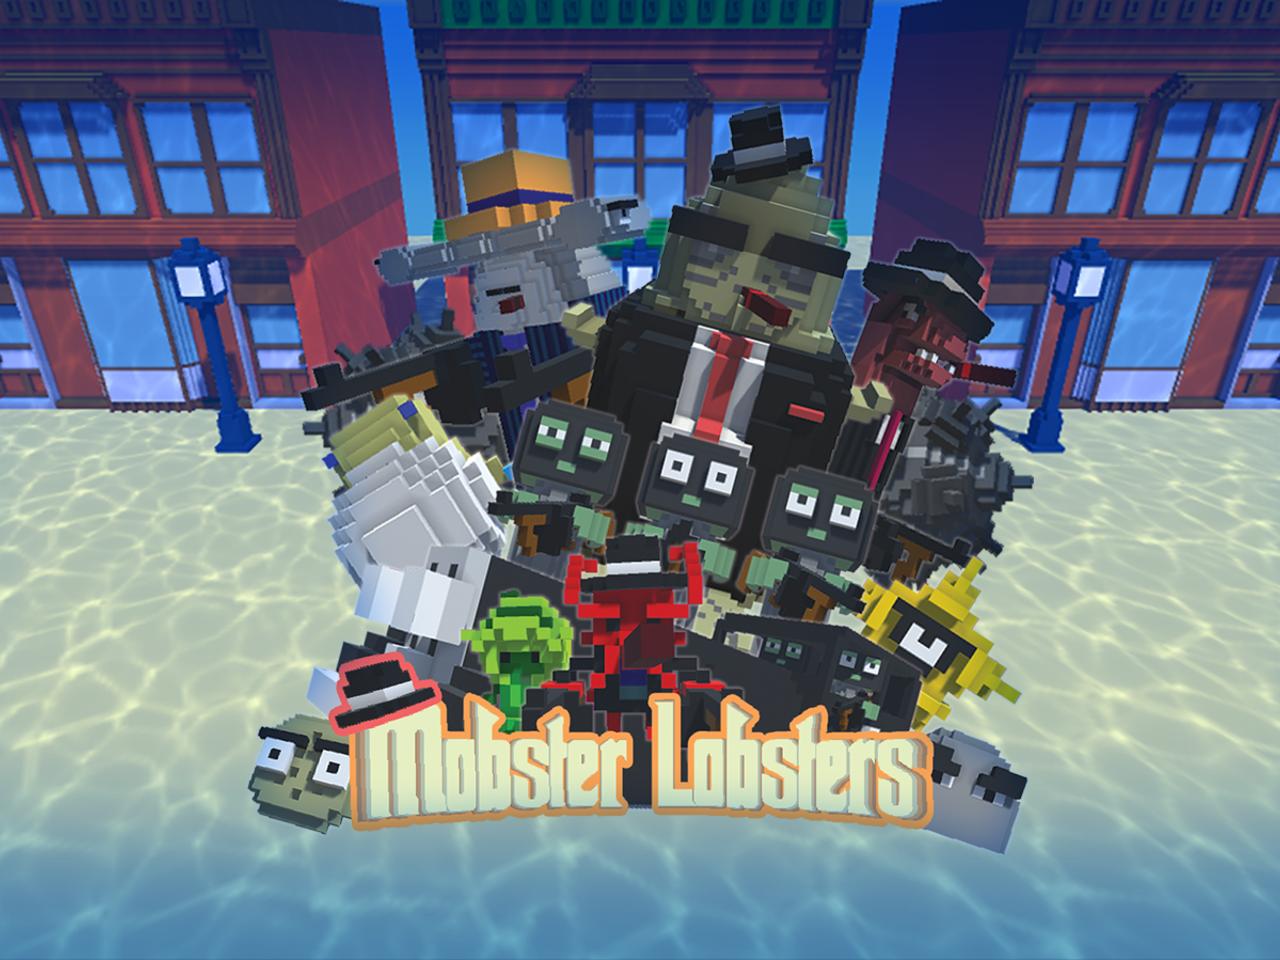 Mobster Lobsters